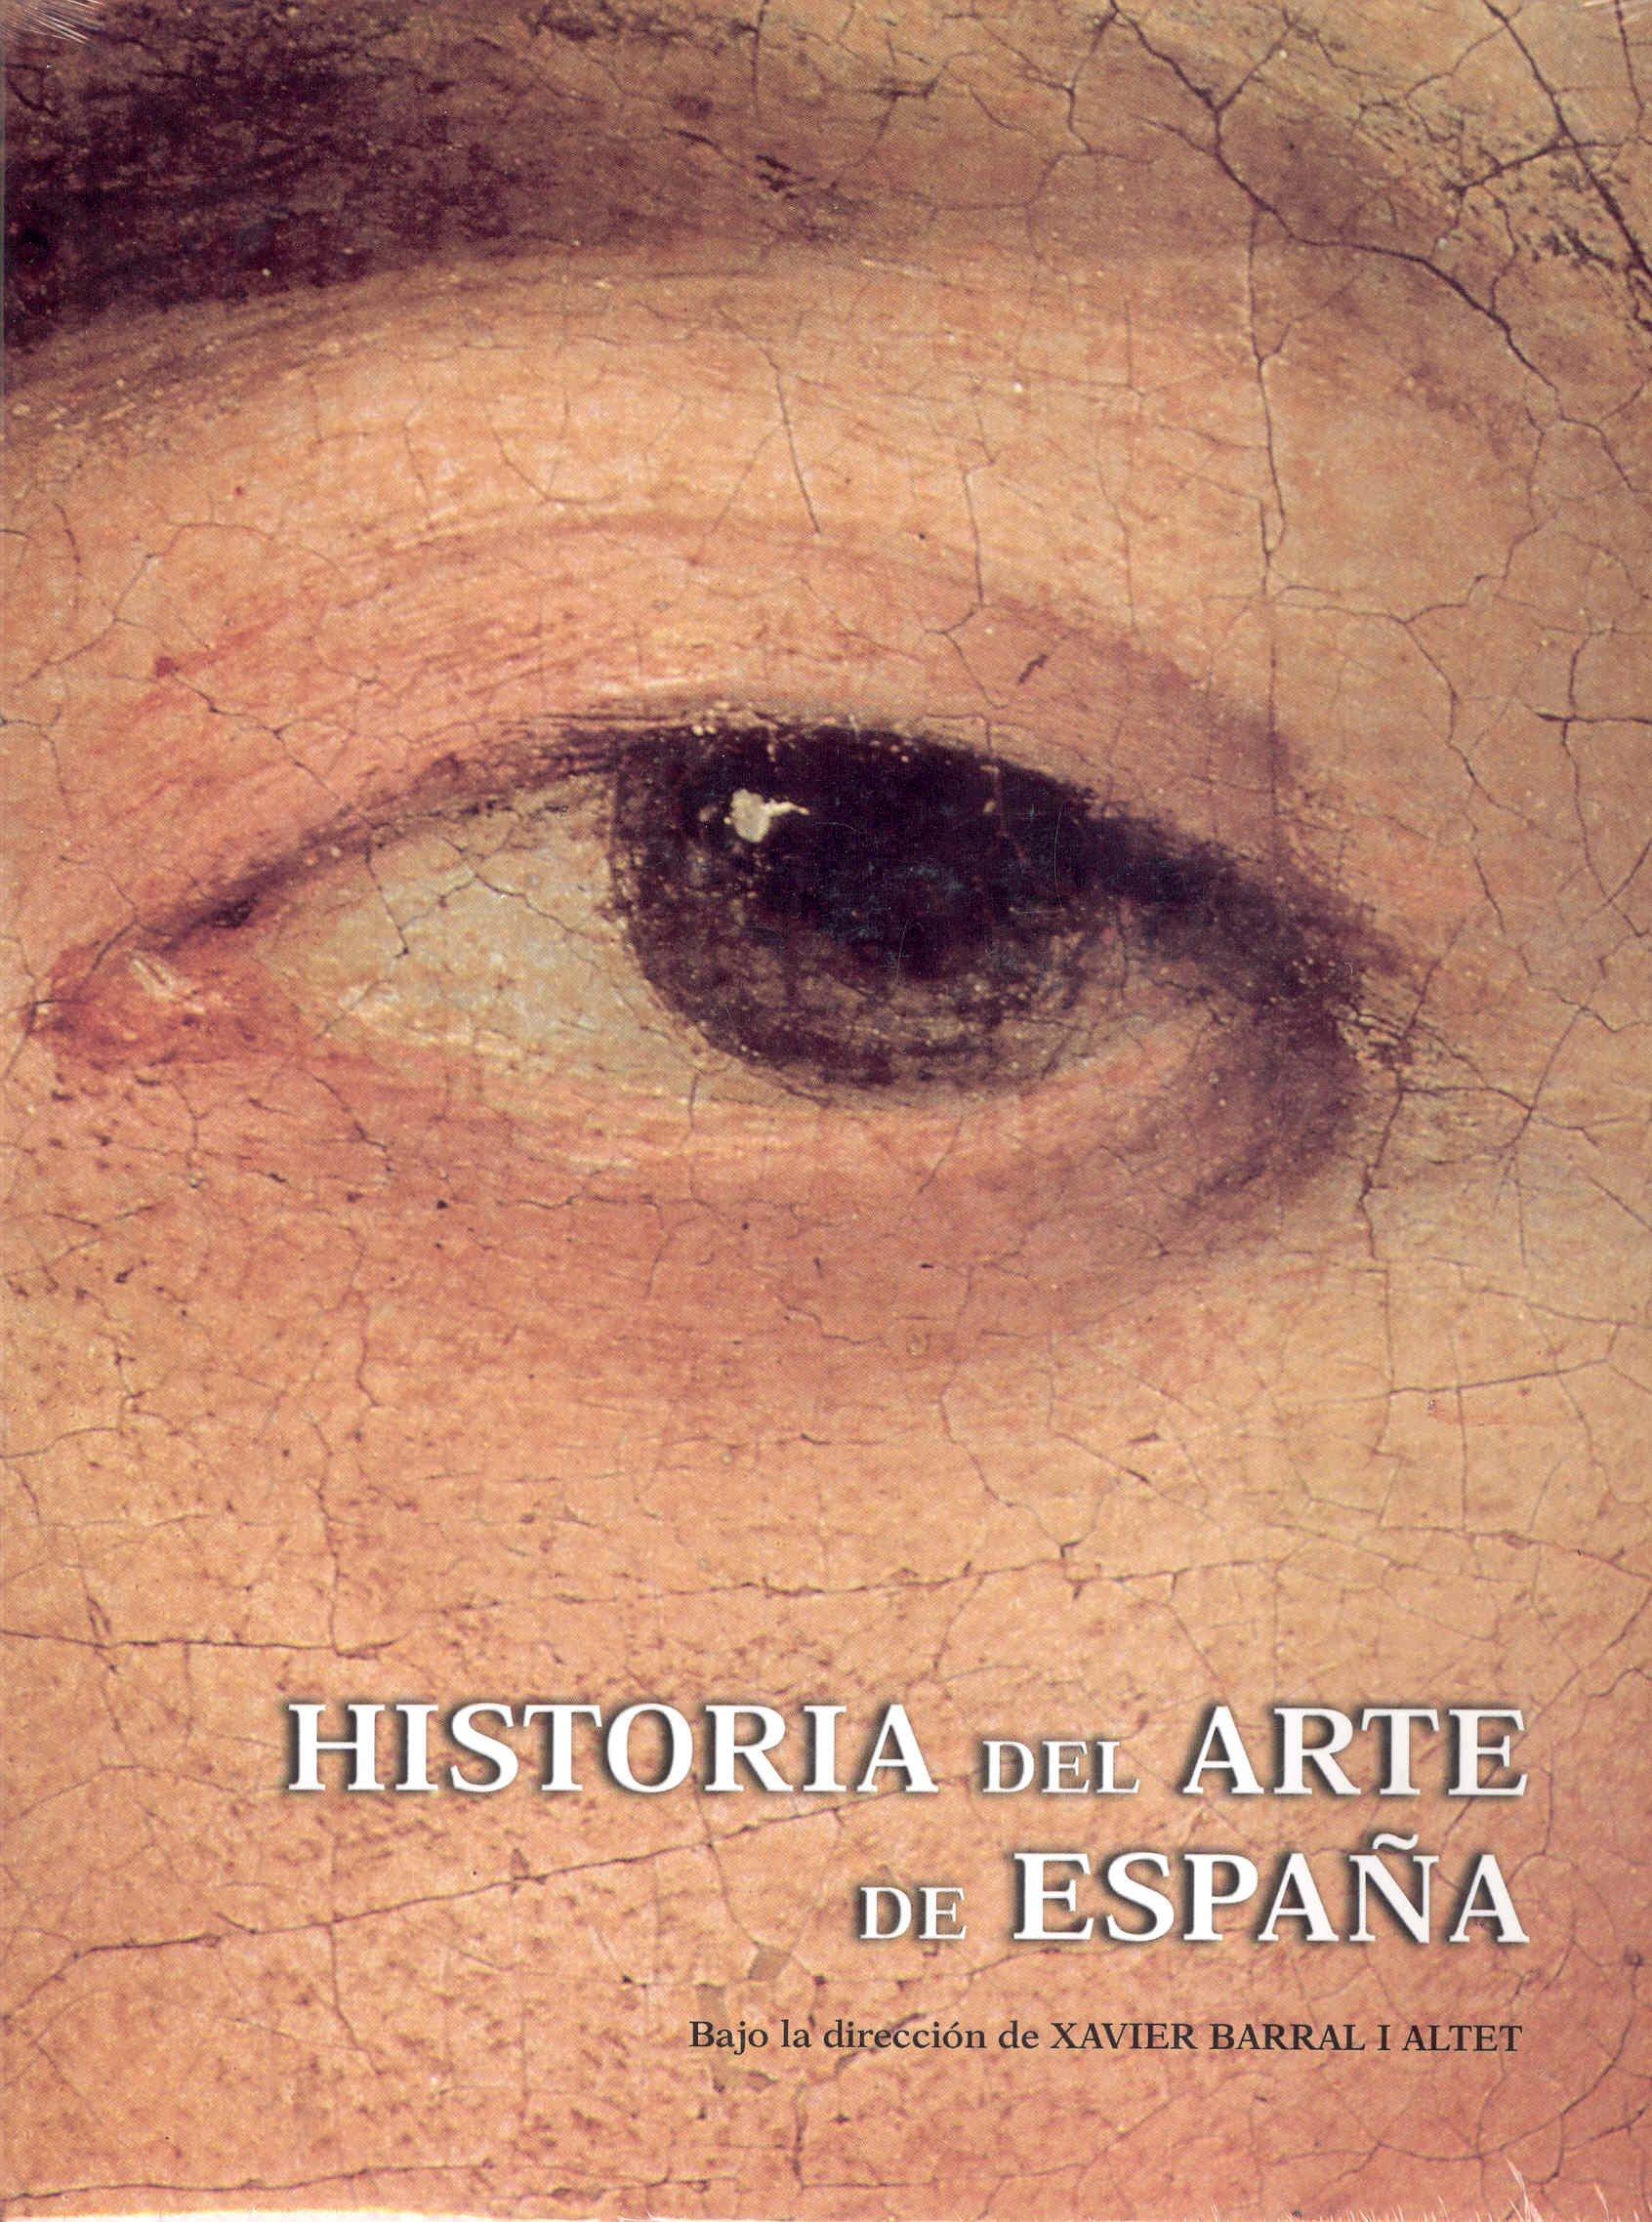 Historia del arte de España: Amazon.es: Barral Altet, Xavier: Libros